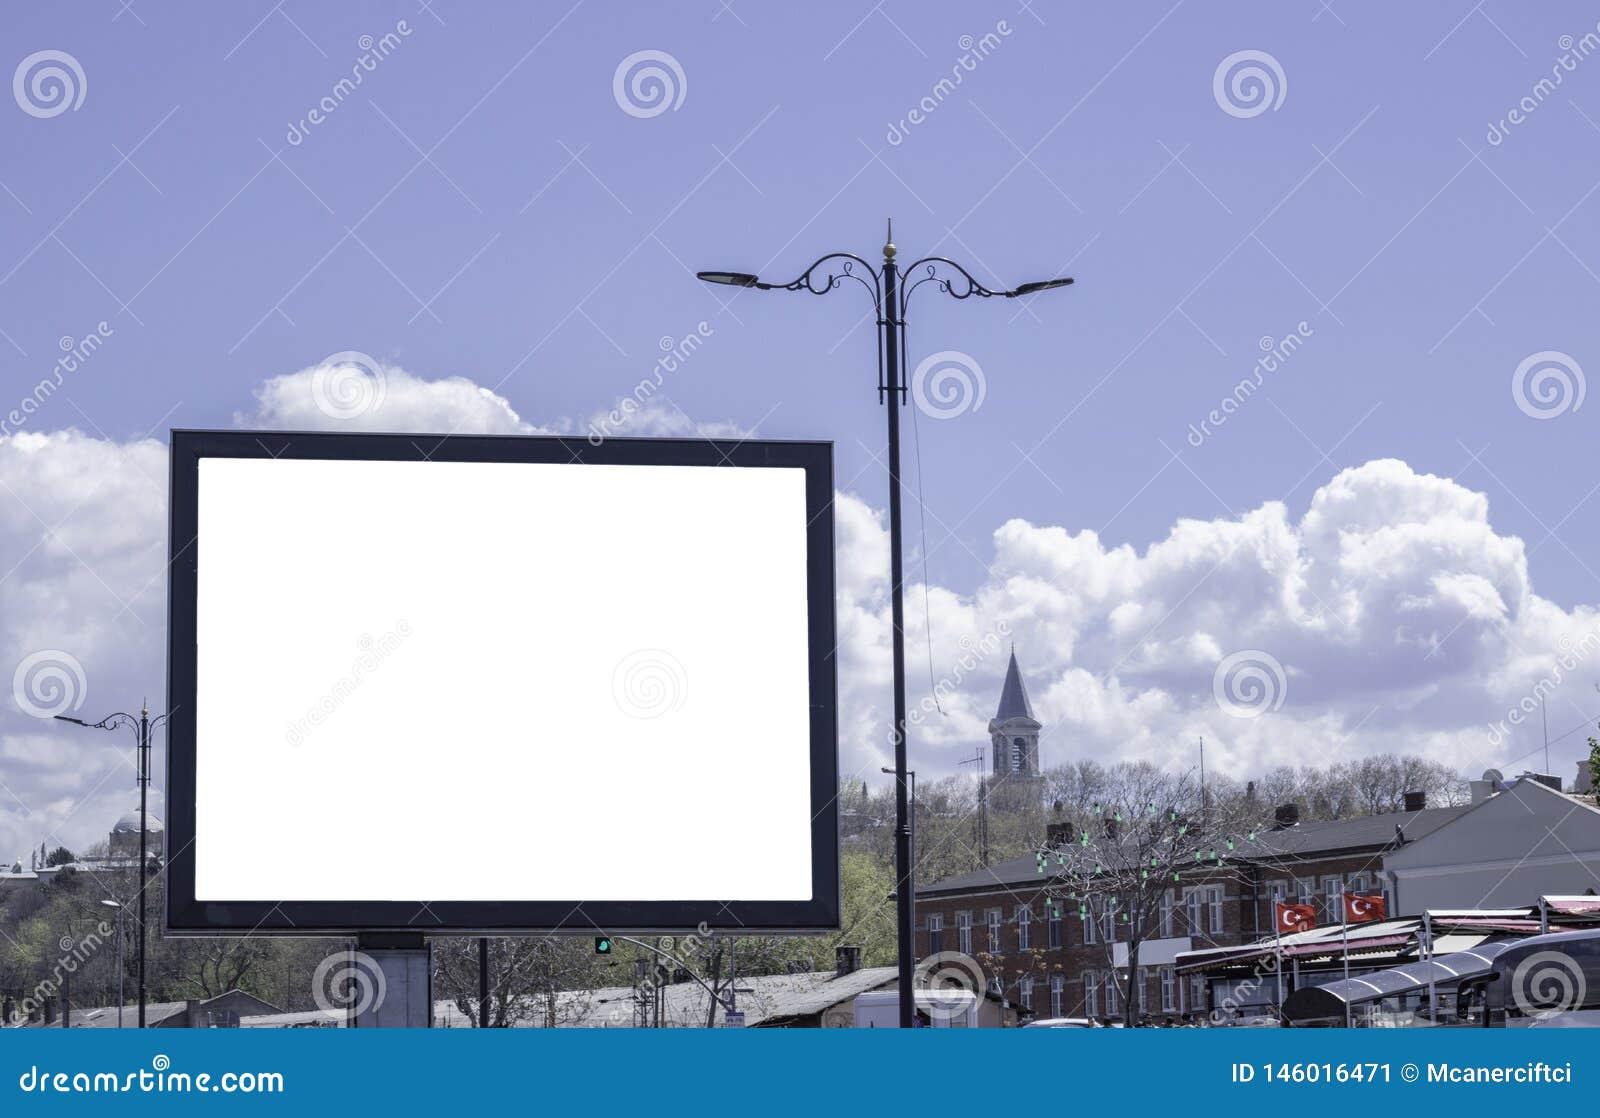 Billboardy w parkach i outdoors